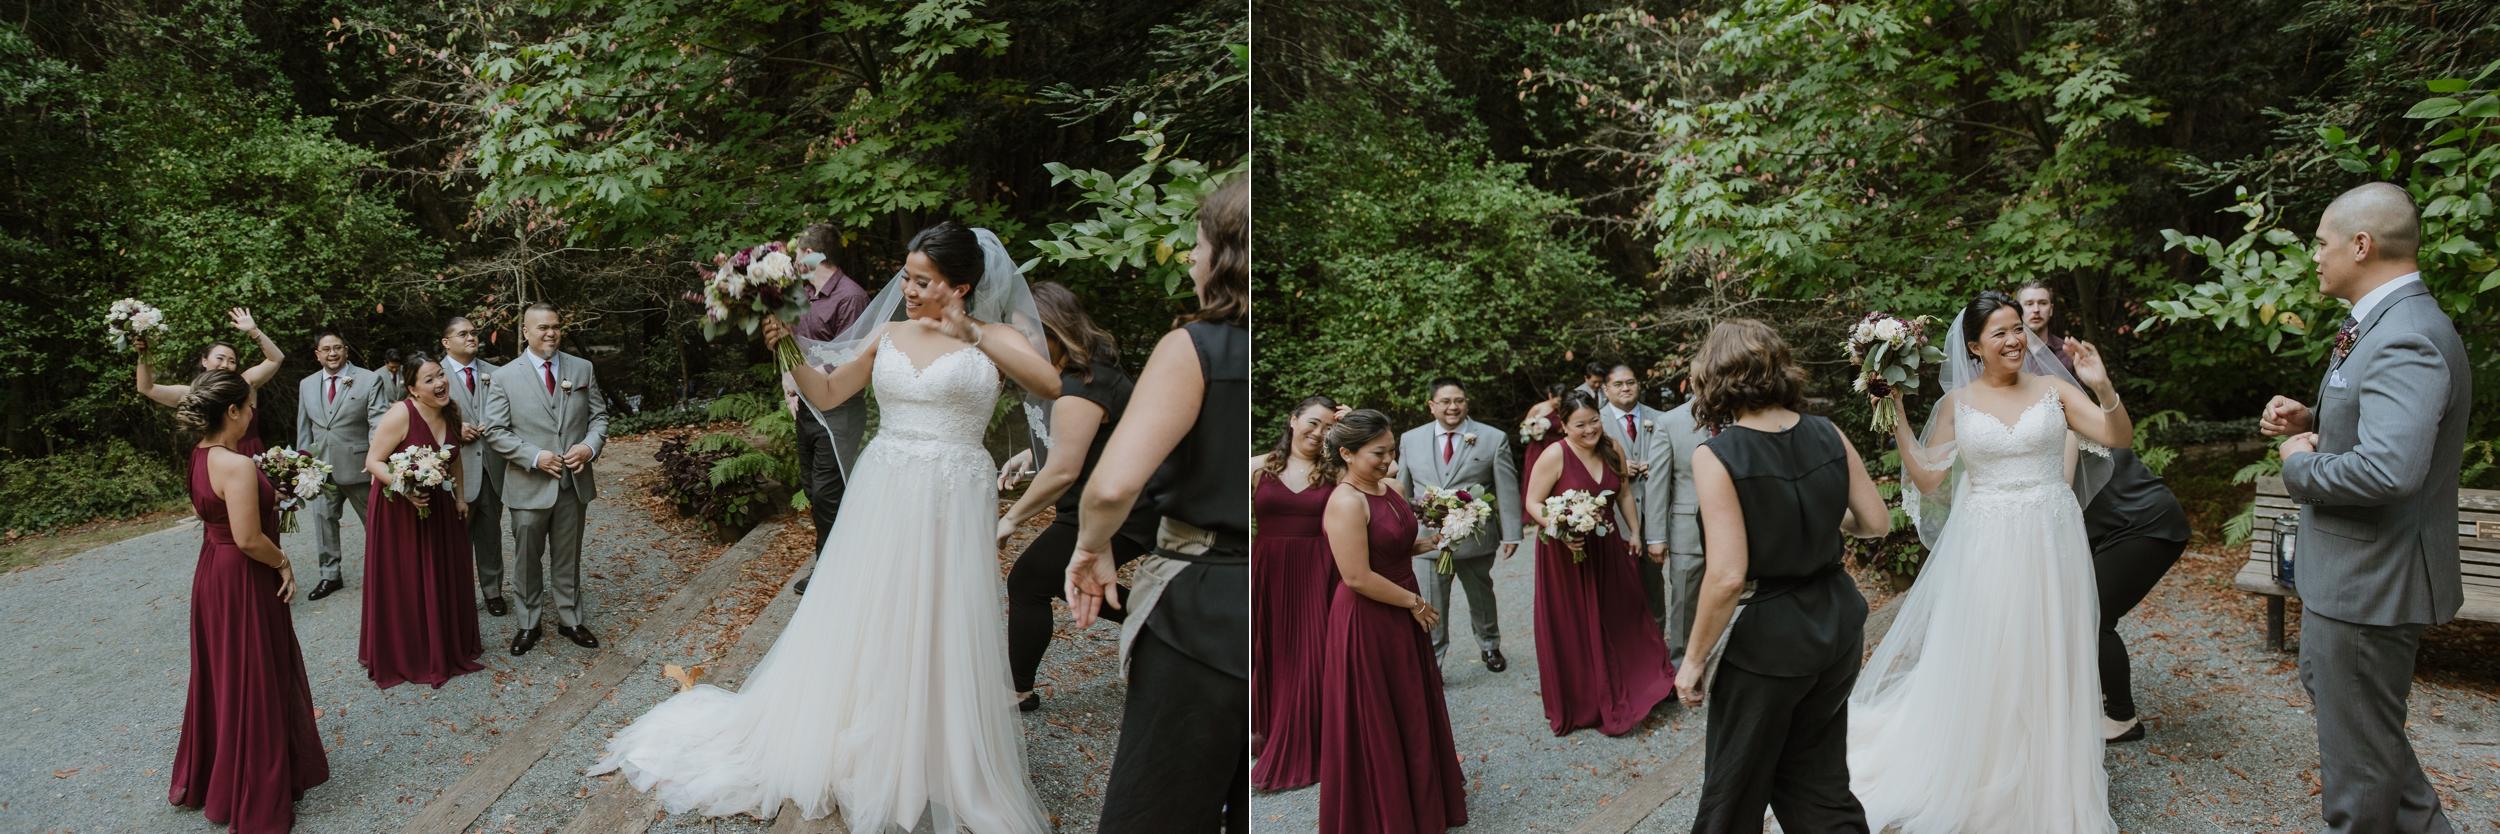 43-old-mill-park-mill-valley-community-center-wedding-vivianchen-418_WEB.jpg